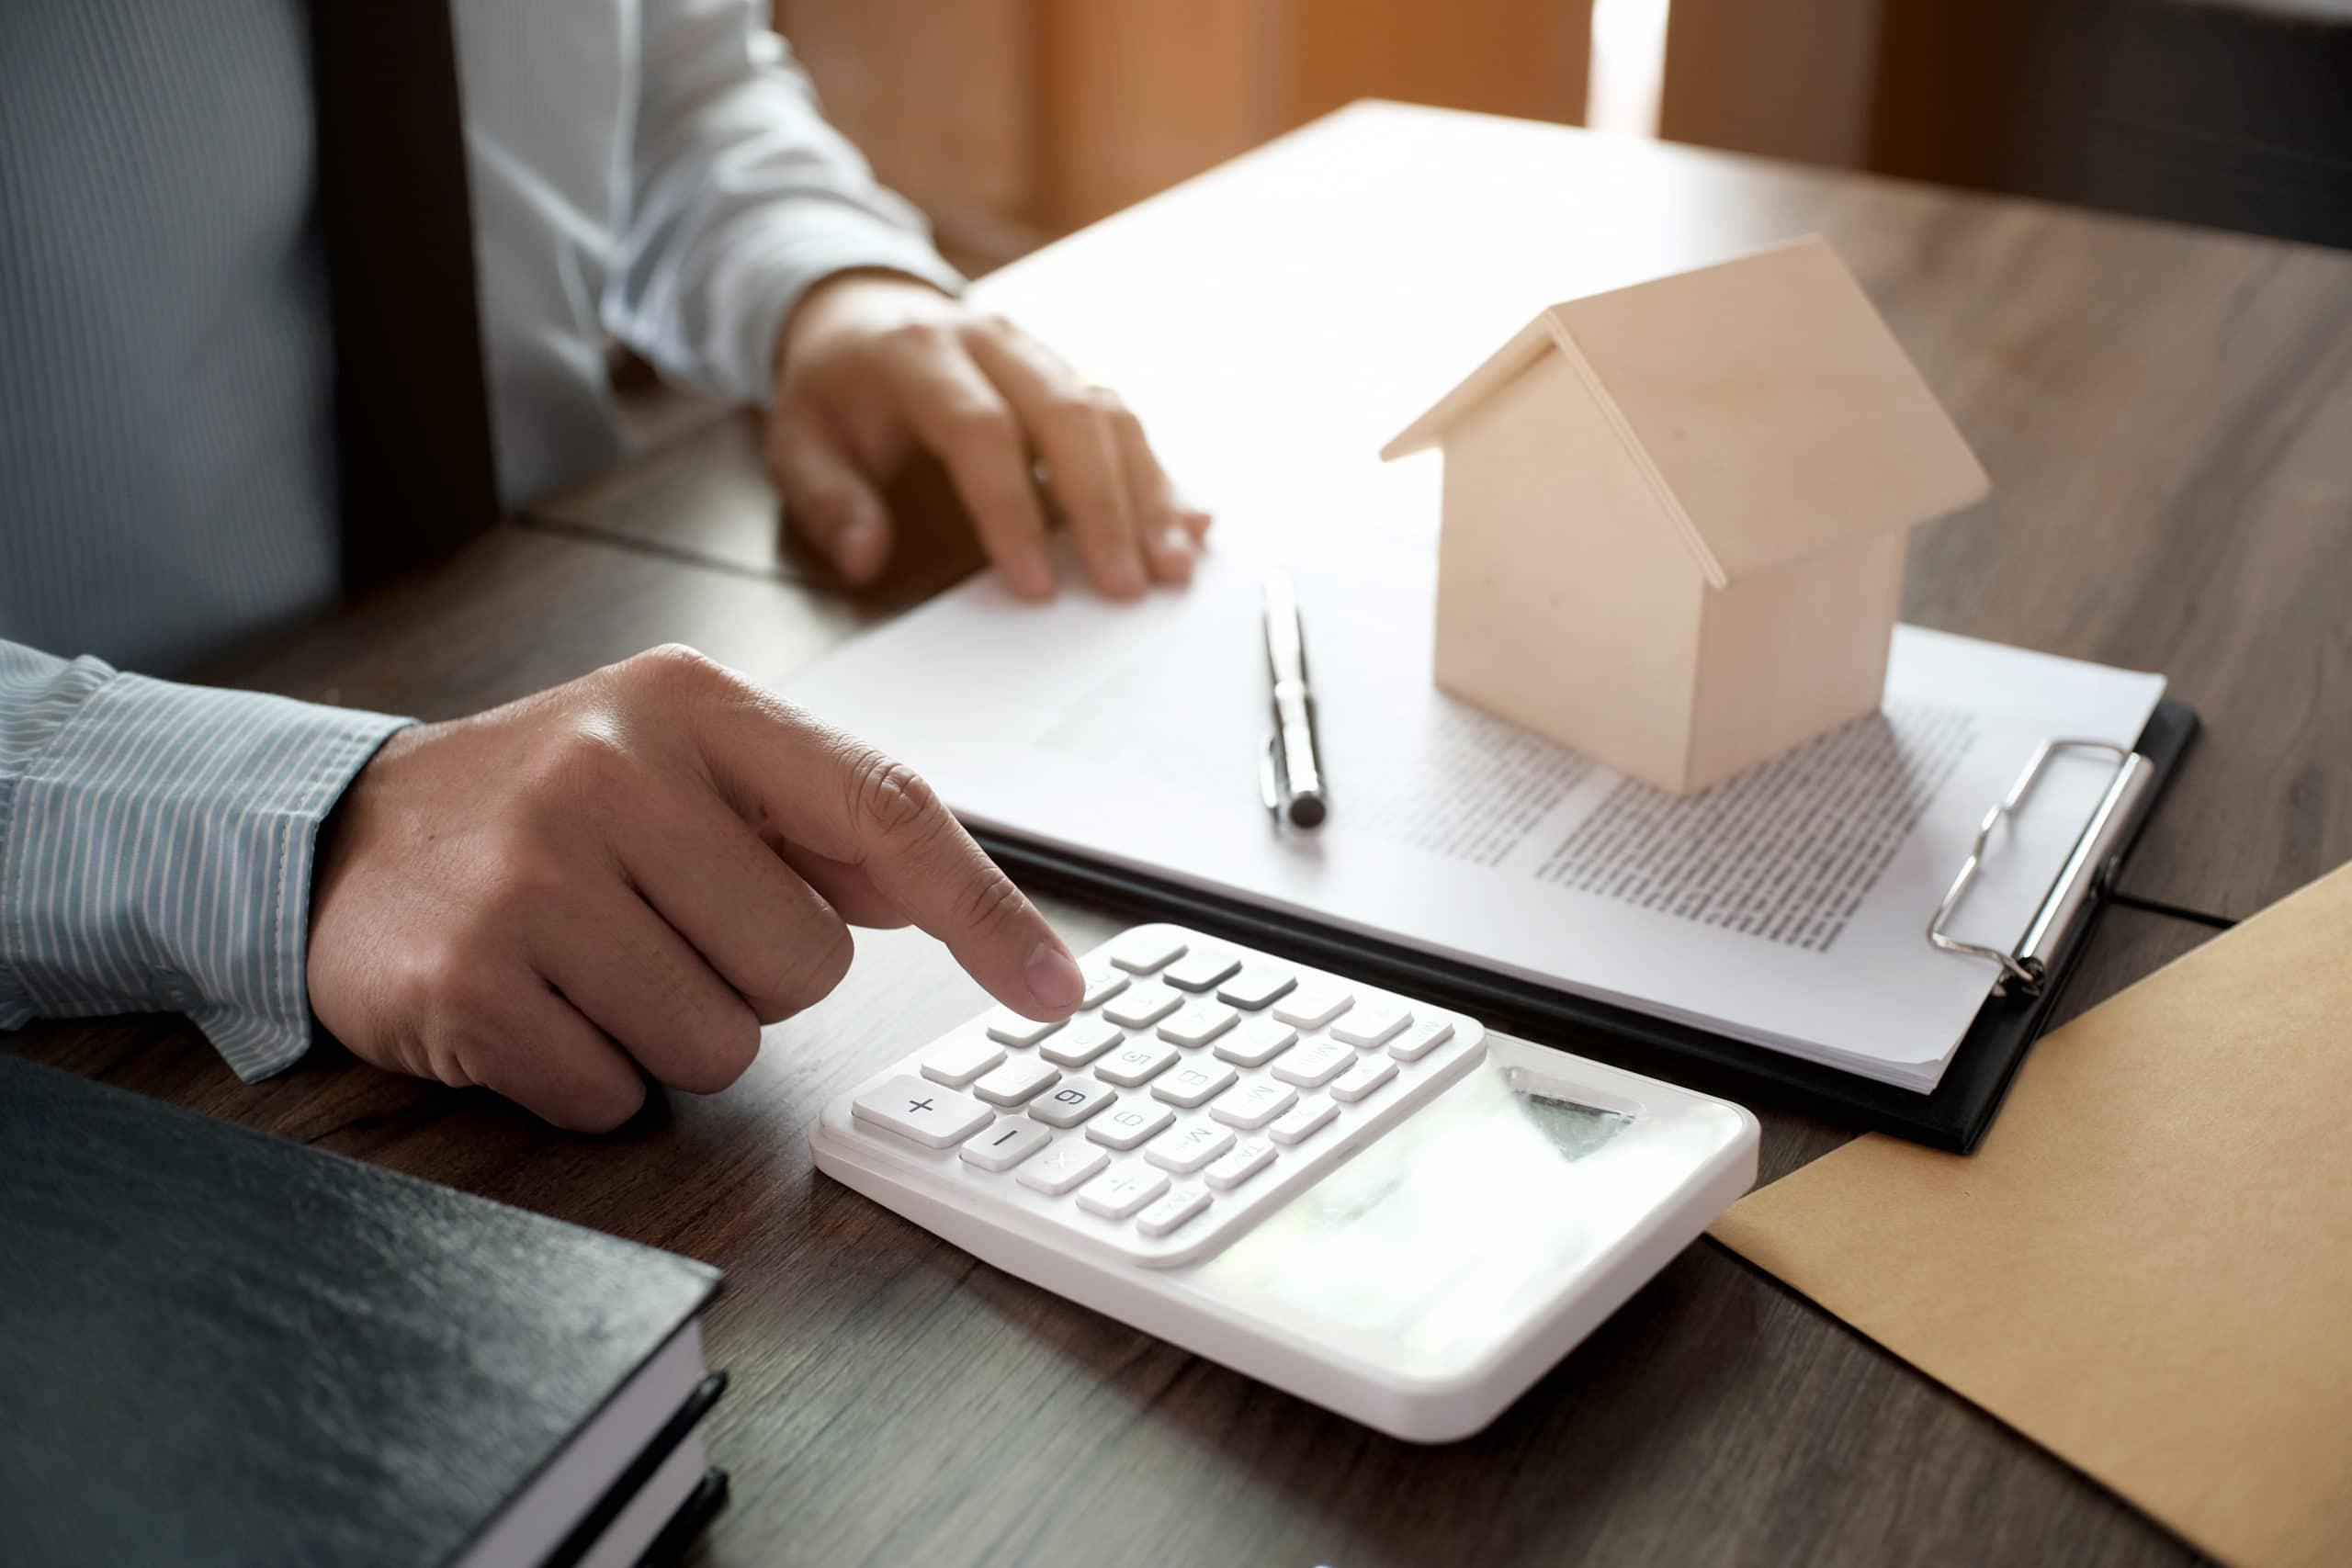 Comment calculer la mensualité du prêt immobilier ?